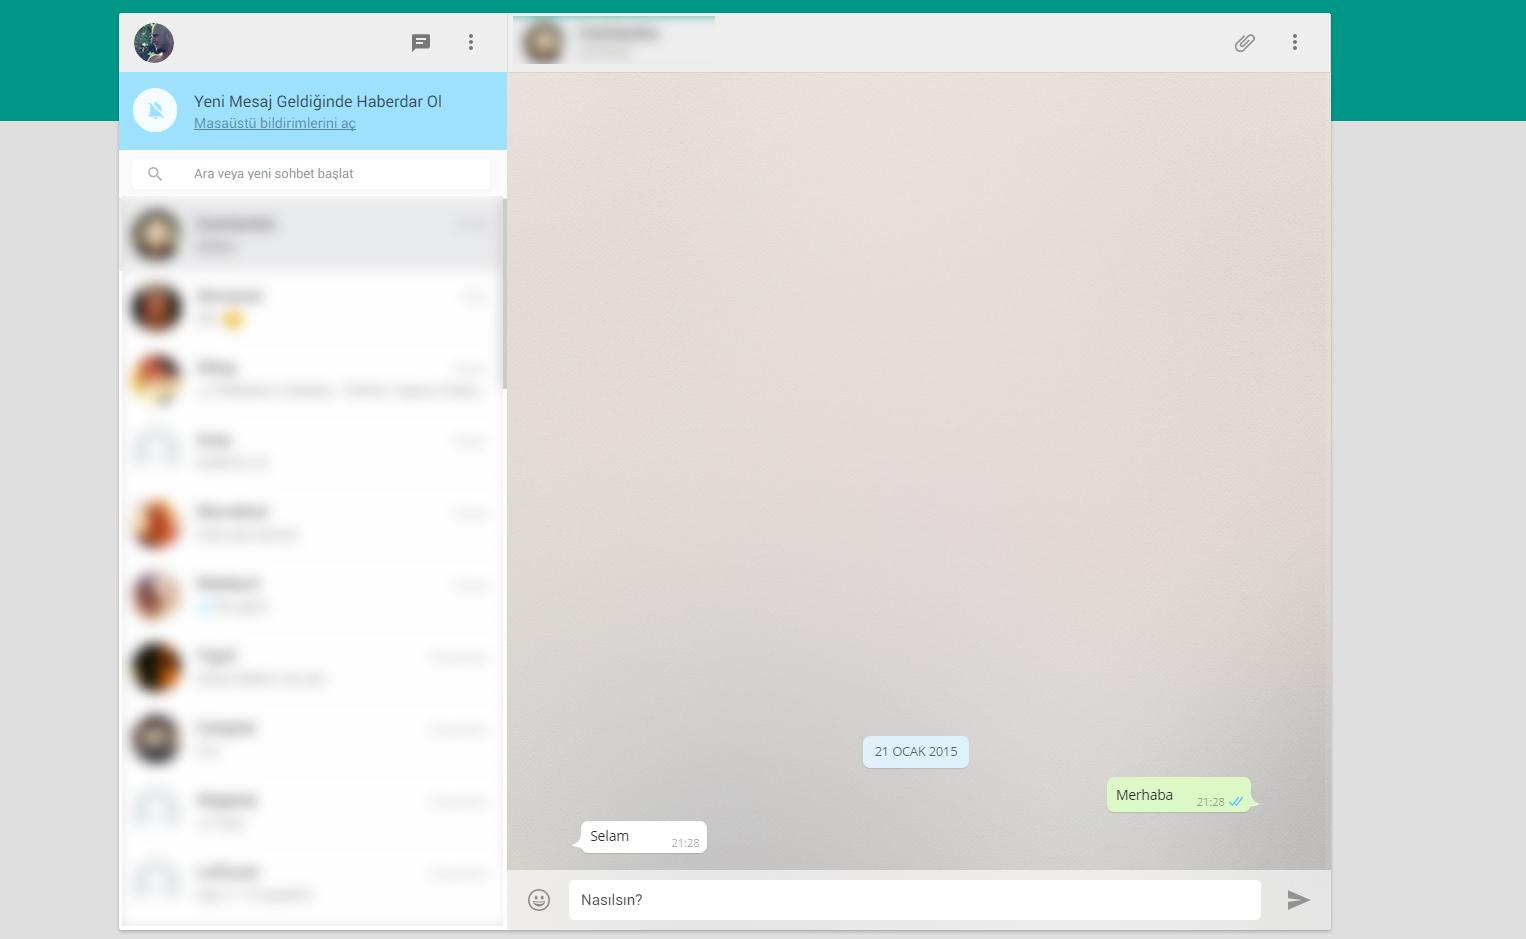 Whatsapp Web Özelliği